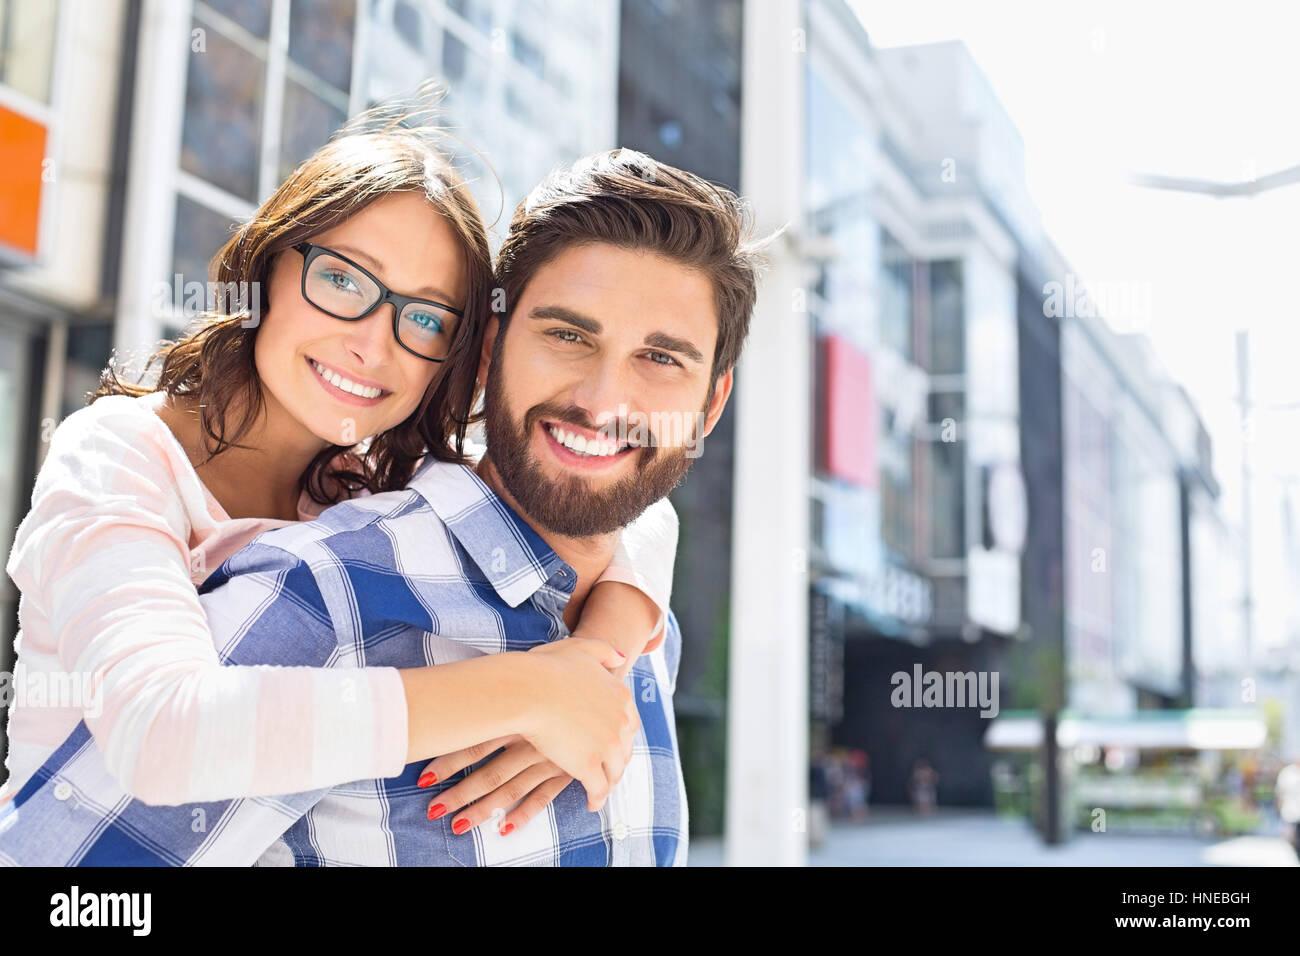 Retrato del hombre feliz viaje piggyback dando a la mujer en la ciudad Imagen De Stock